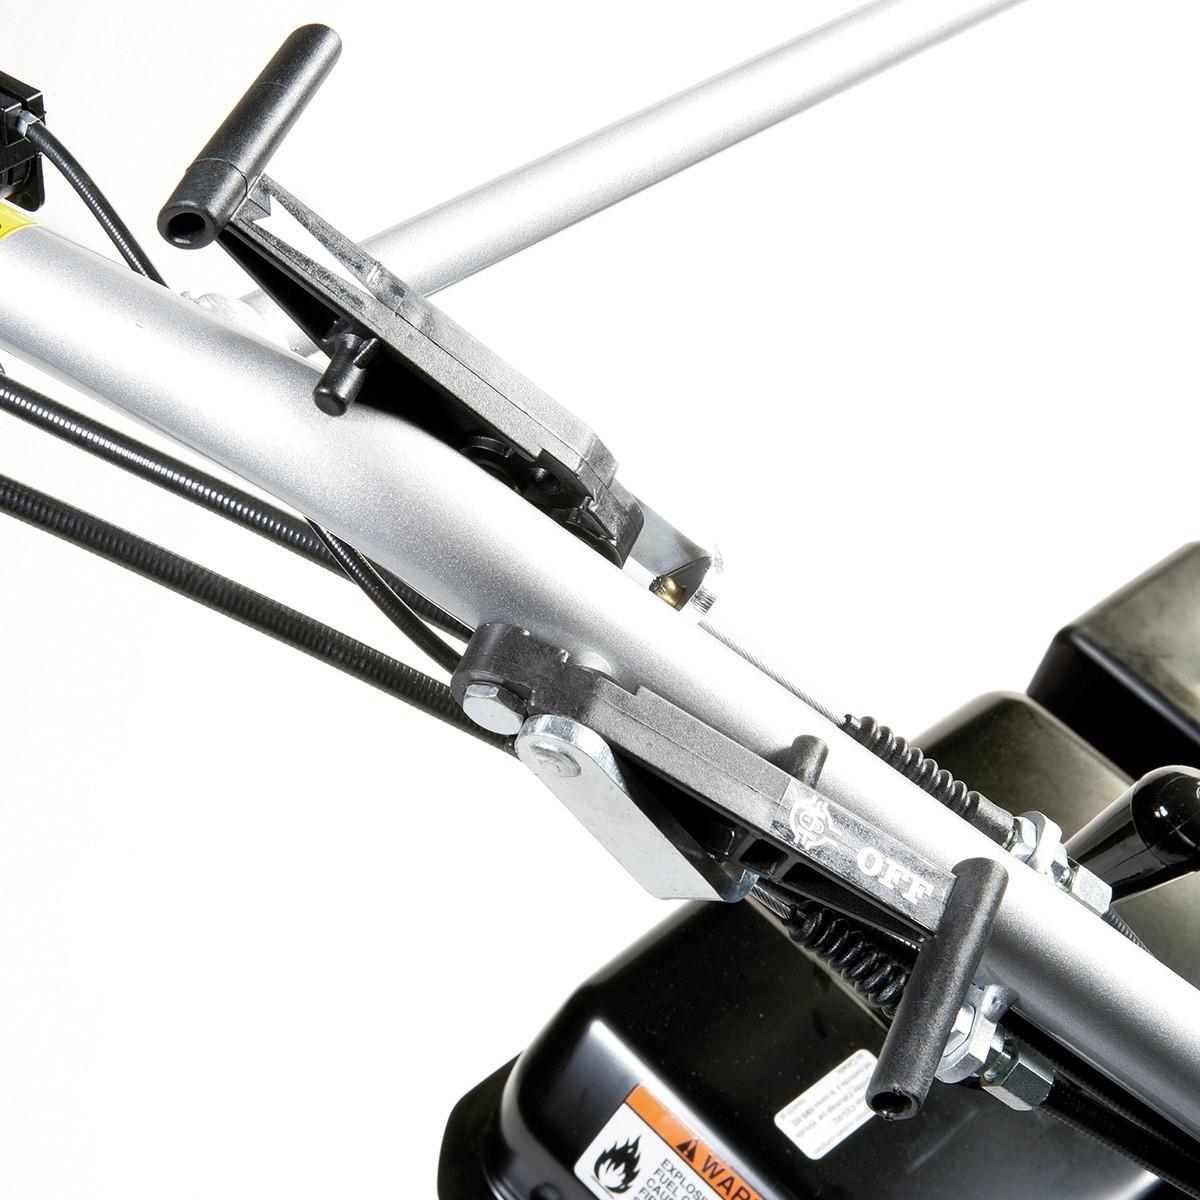 Motocositoare Bertolini 140, Honda GX270, 9 CP, 140 cm